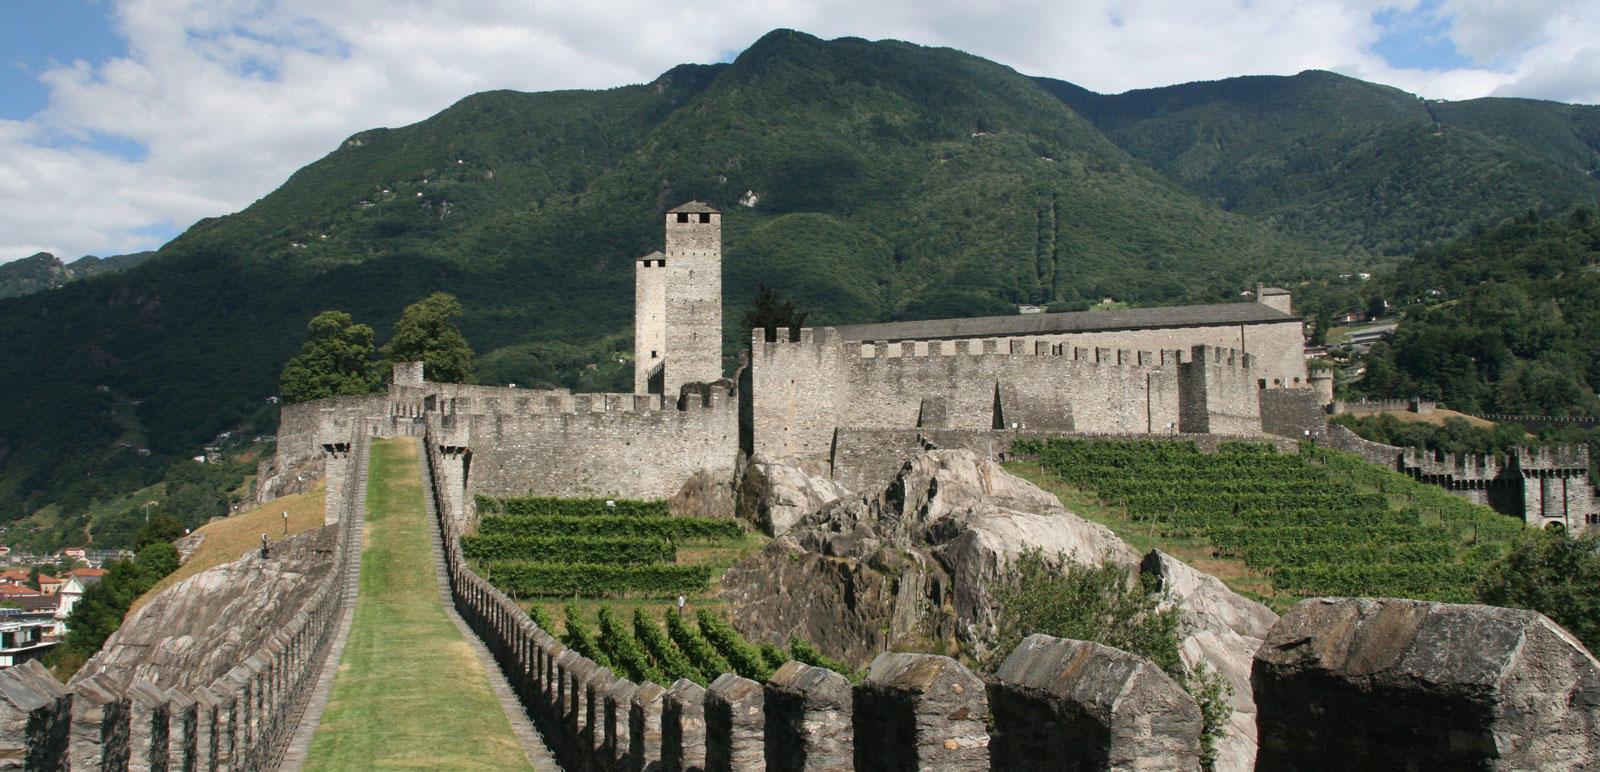 Blick in den Innenhof des Castelgrande im Tessin